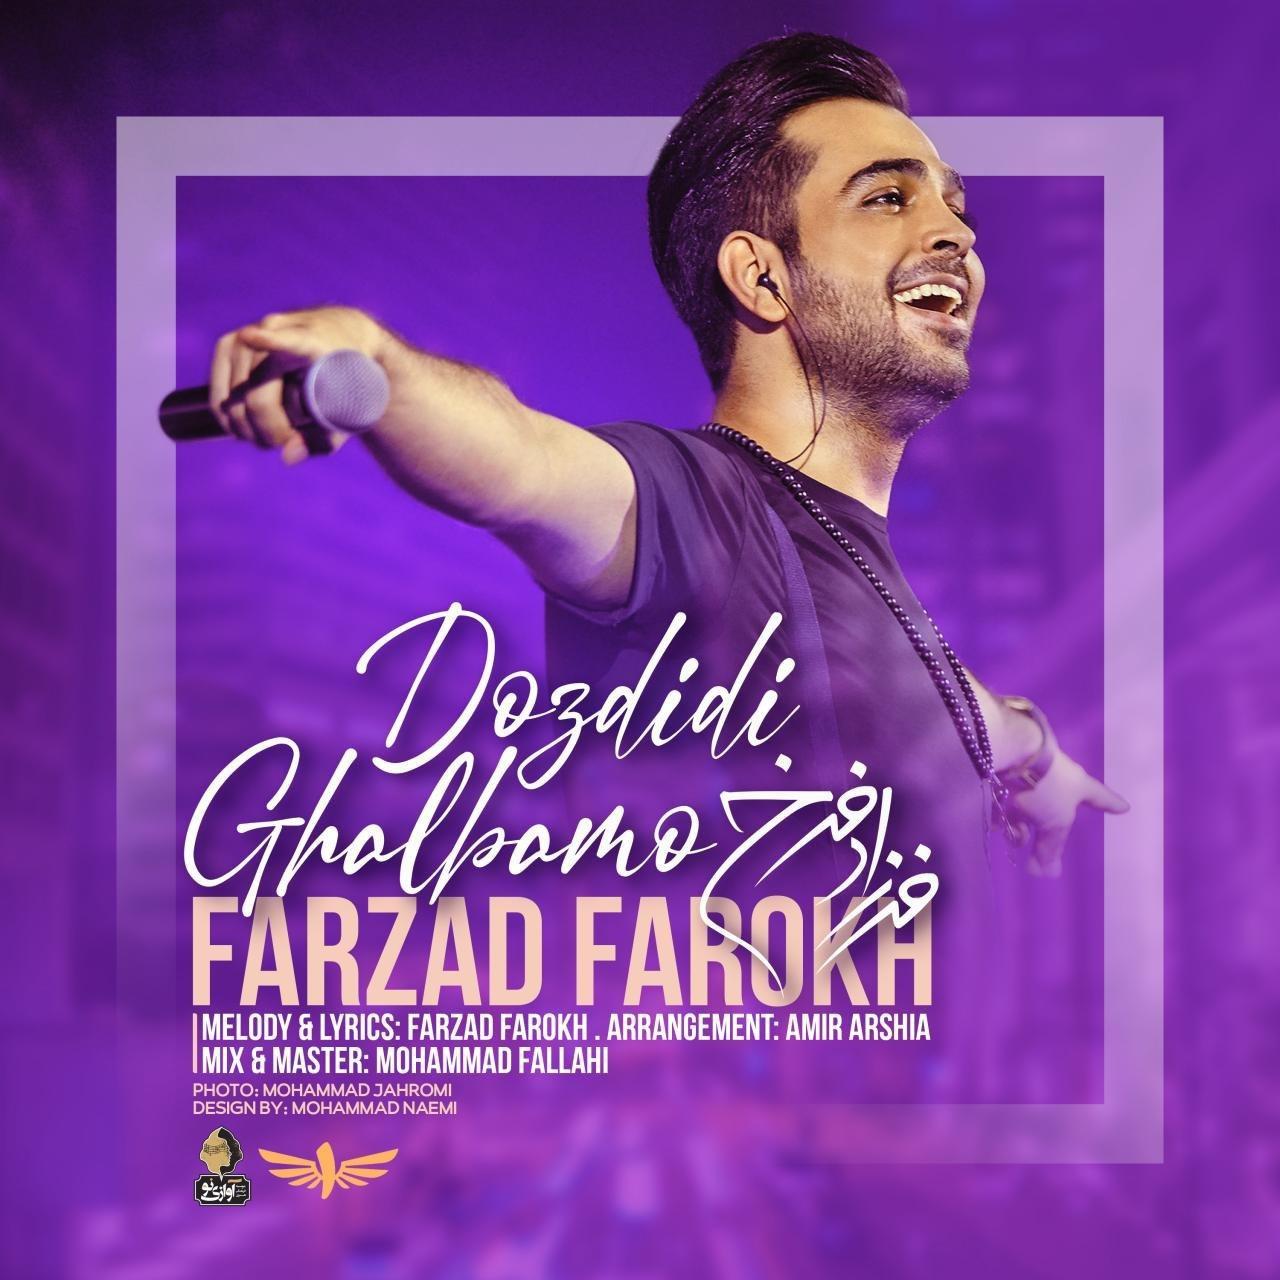 Farzad Farokh - Dozdidi Ghalbamo - دانلود آهنگ فرزاد فرخ به نام دزدیدی قلبمو